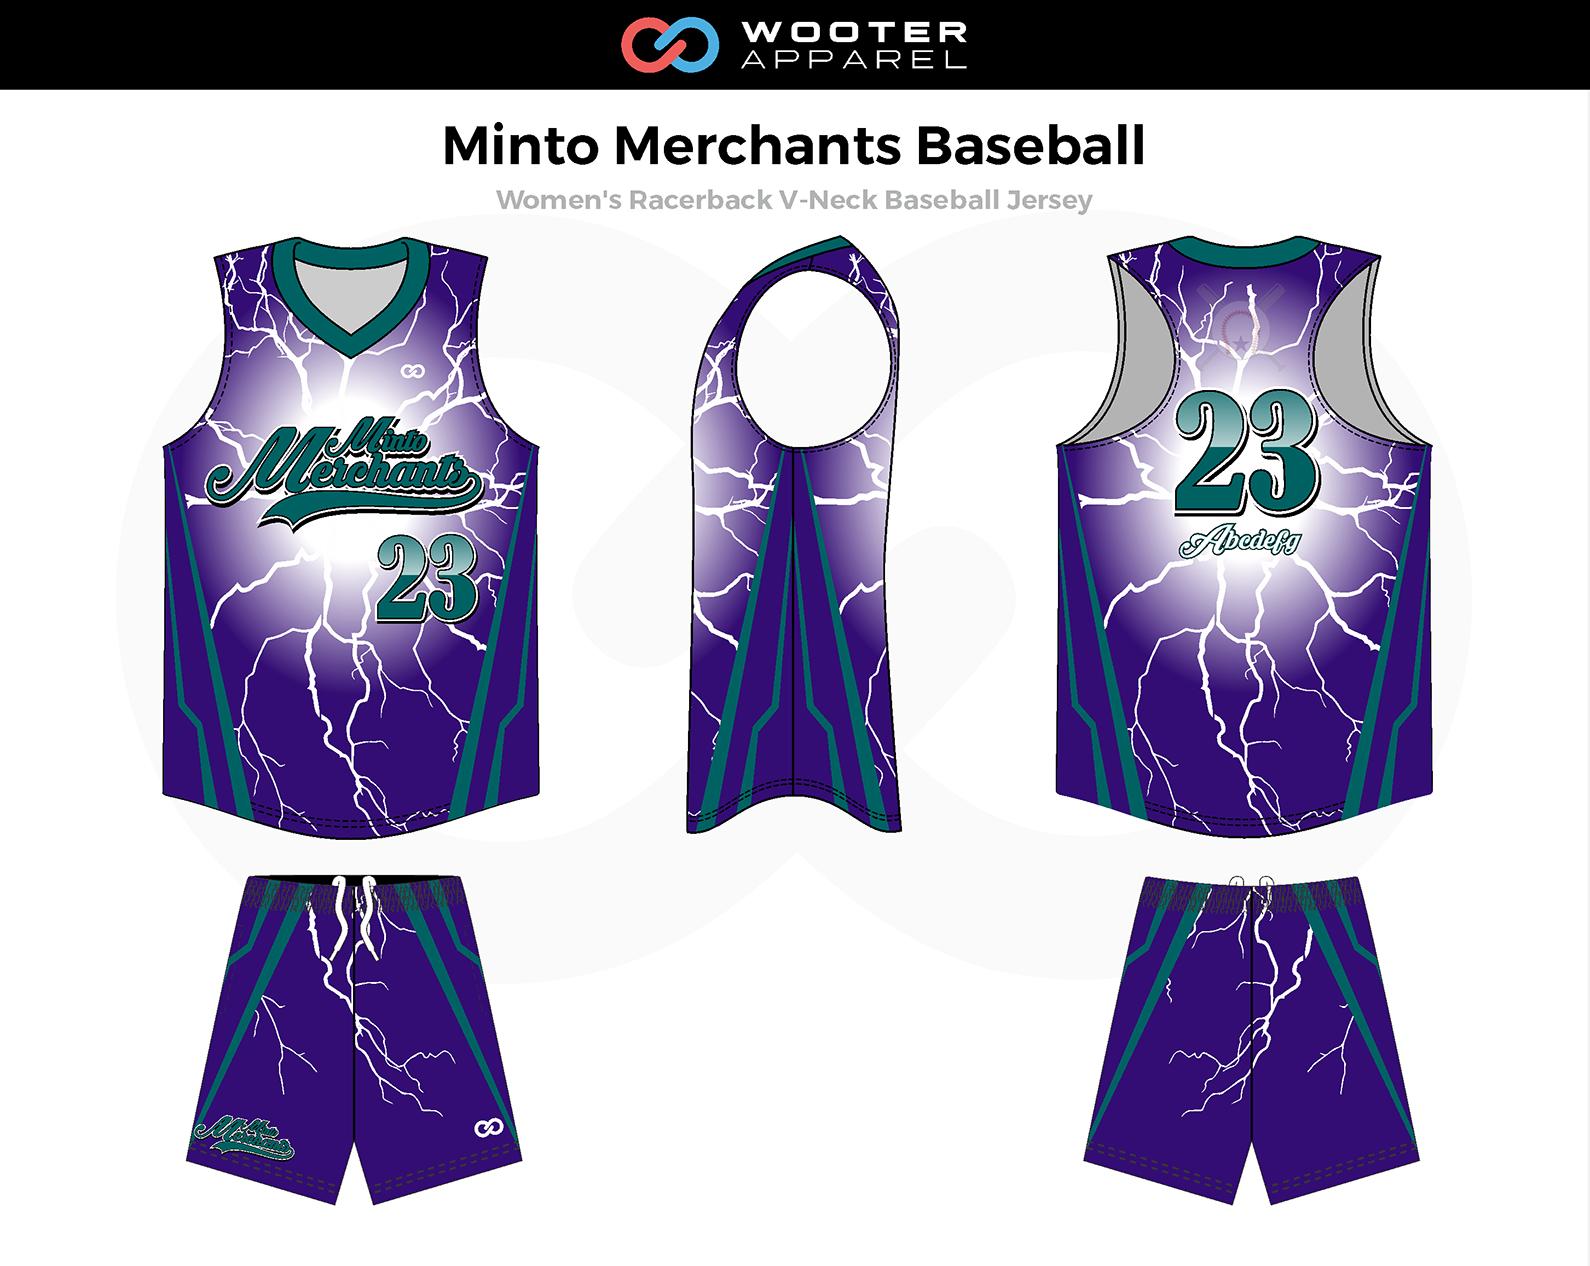 2018-08-29 Minto Merchants Baseball 3.png